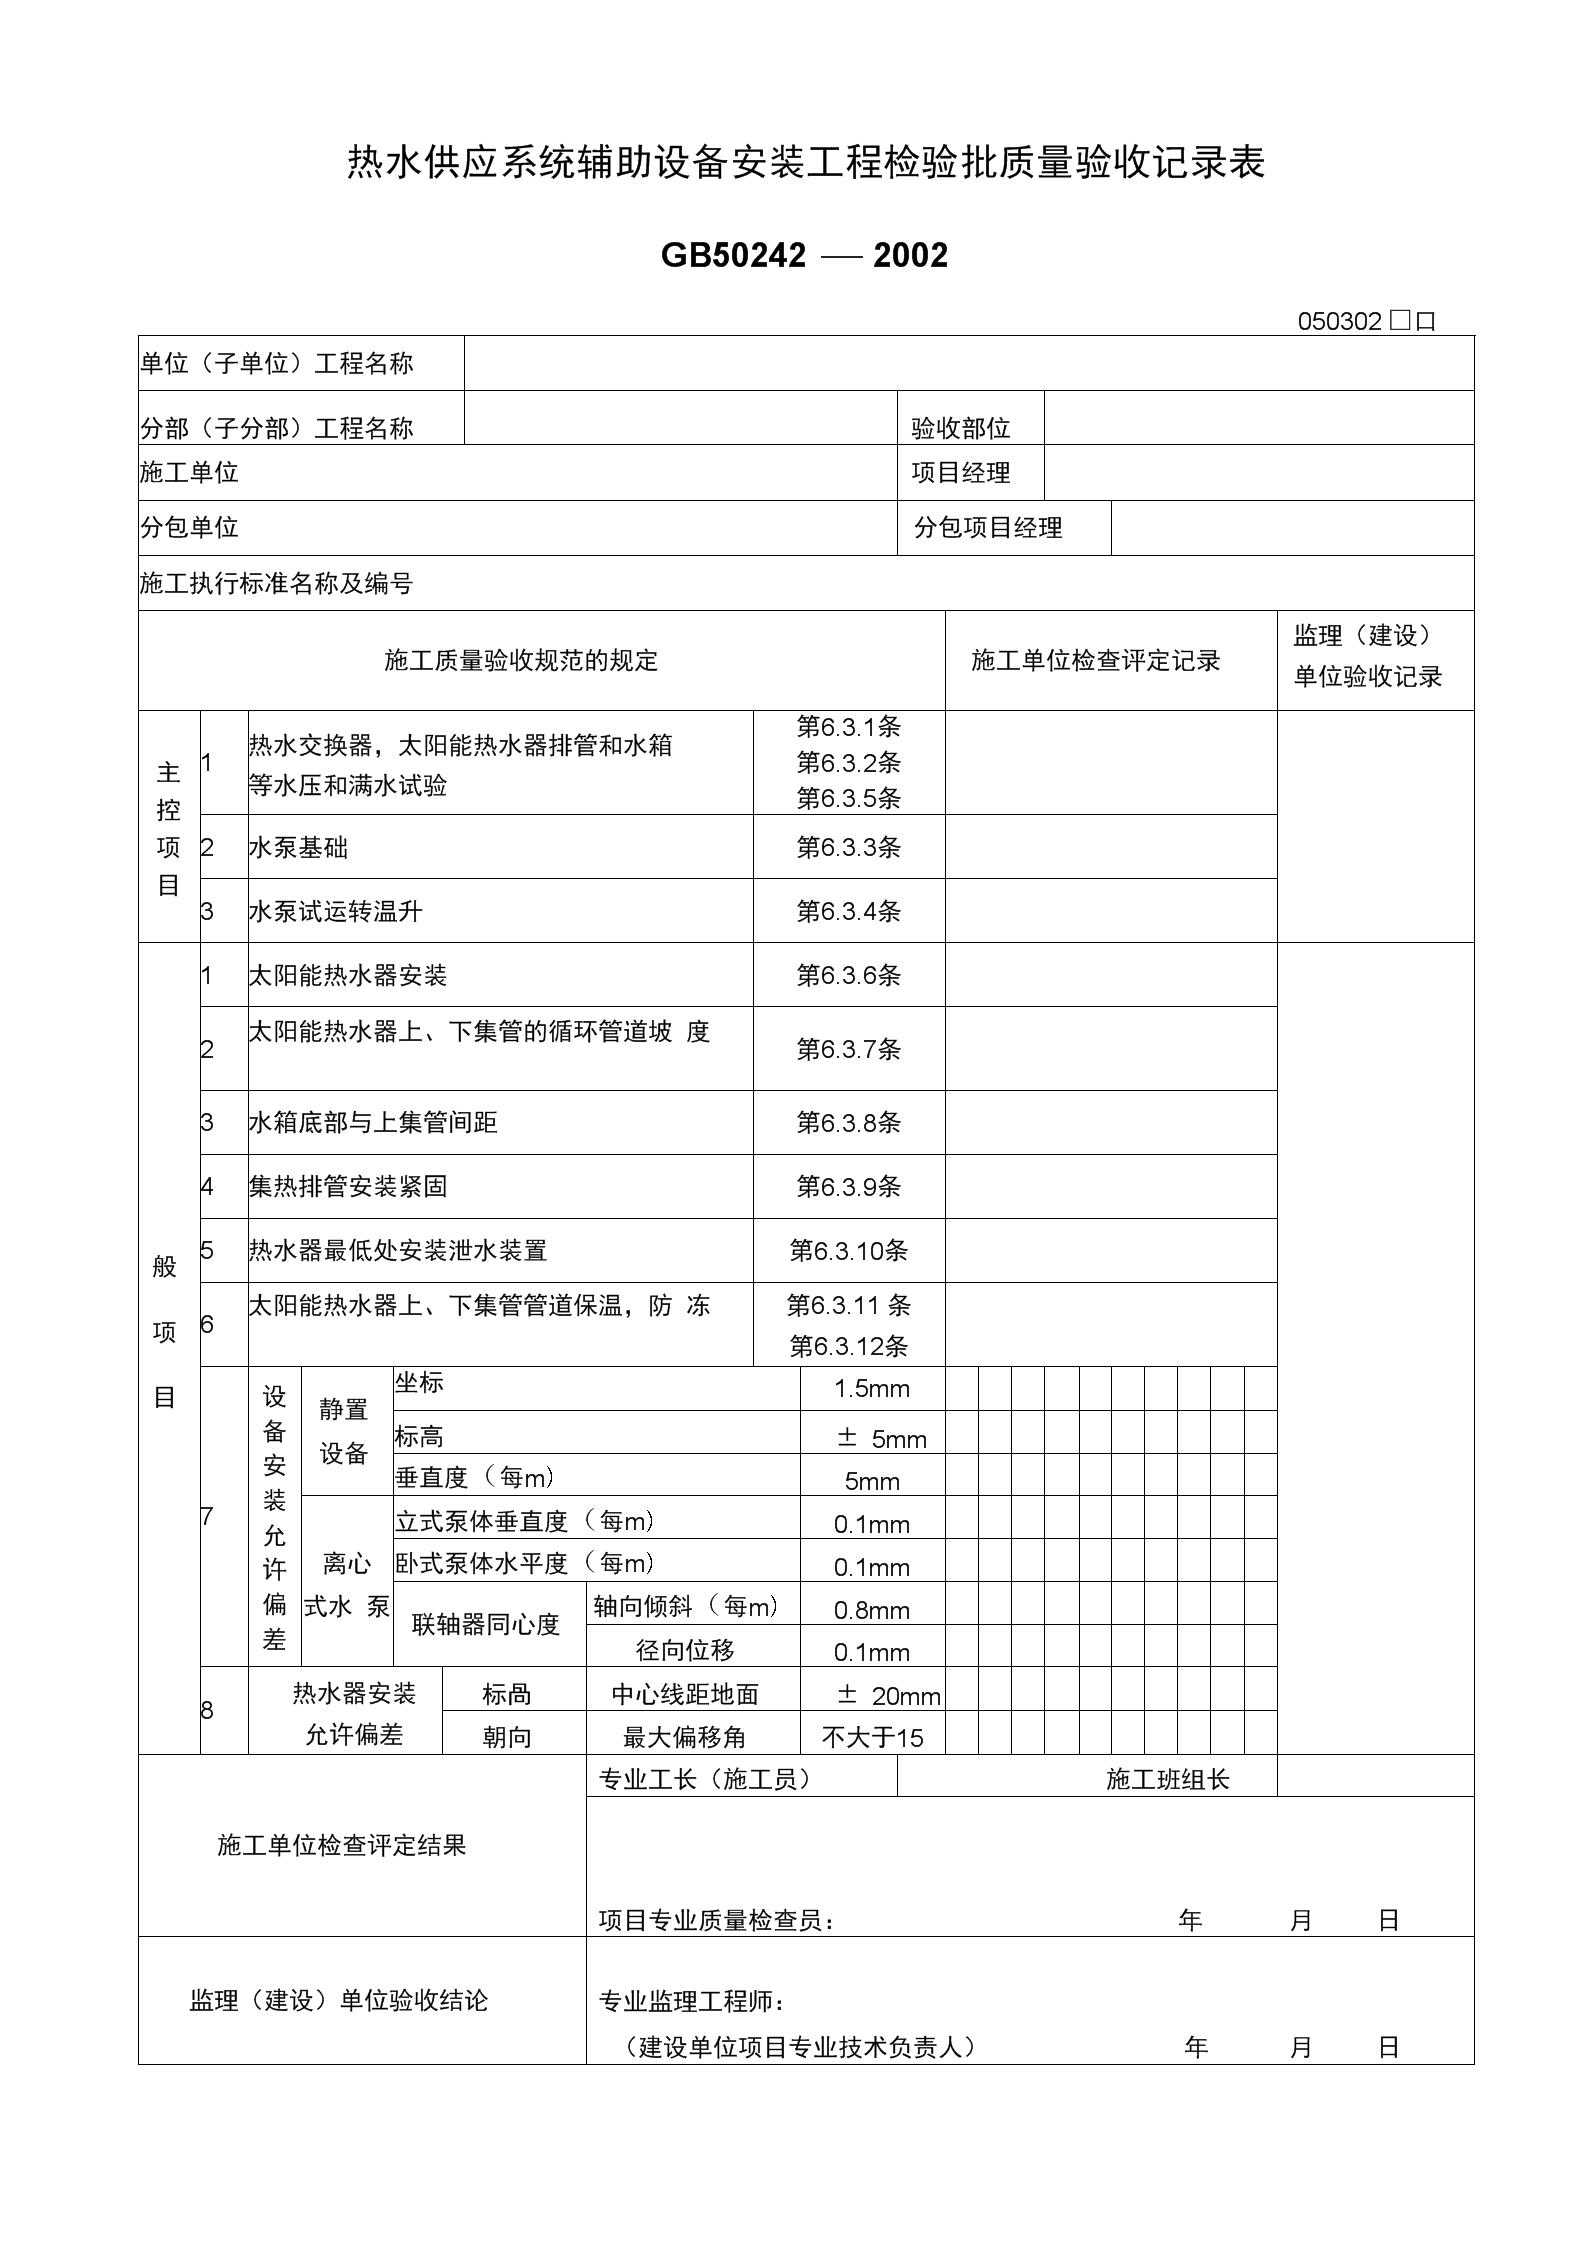 热水供应系统辅助设备安装工程检验批质量验收记录表GB50242—2002.docx